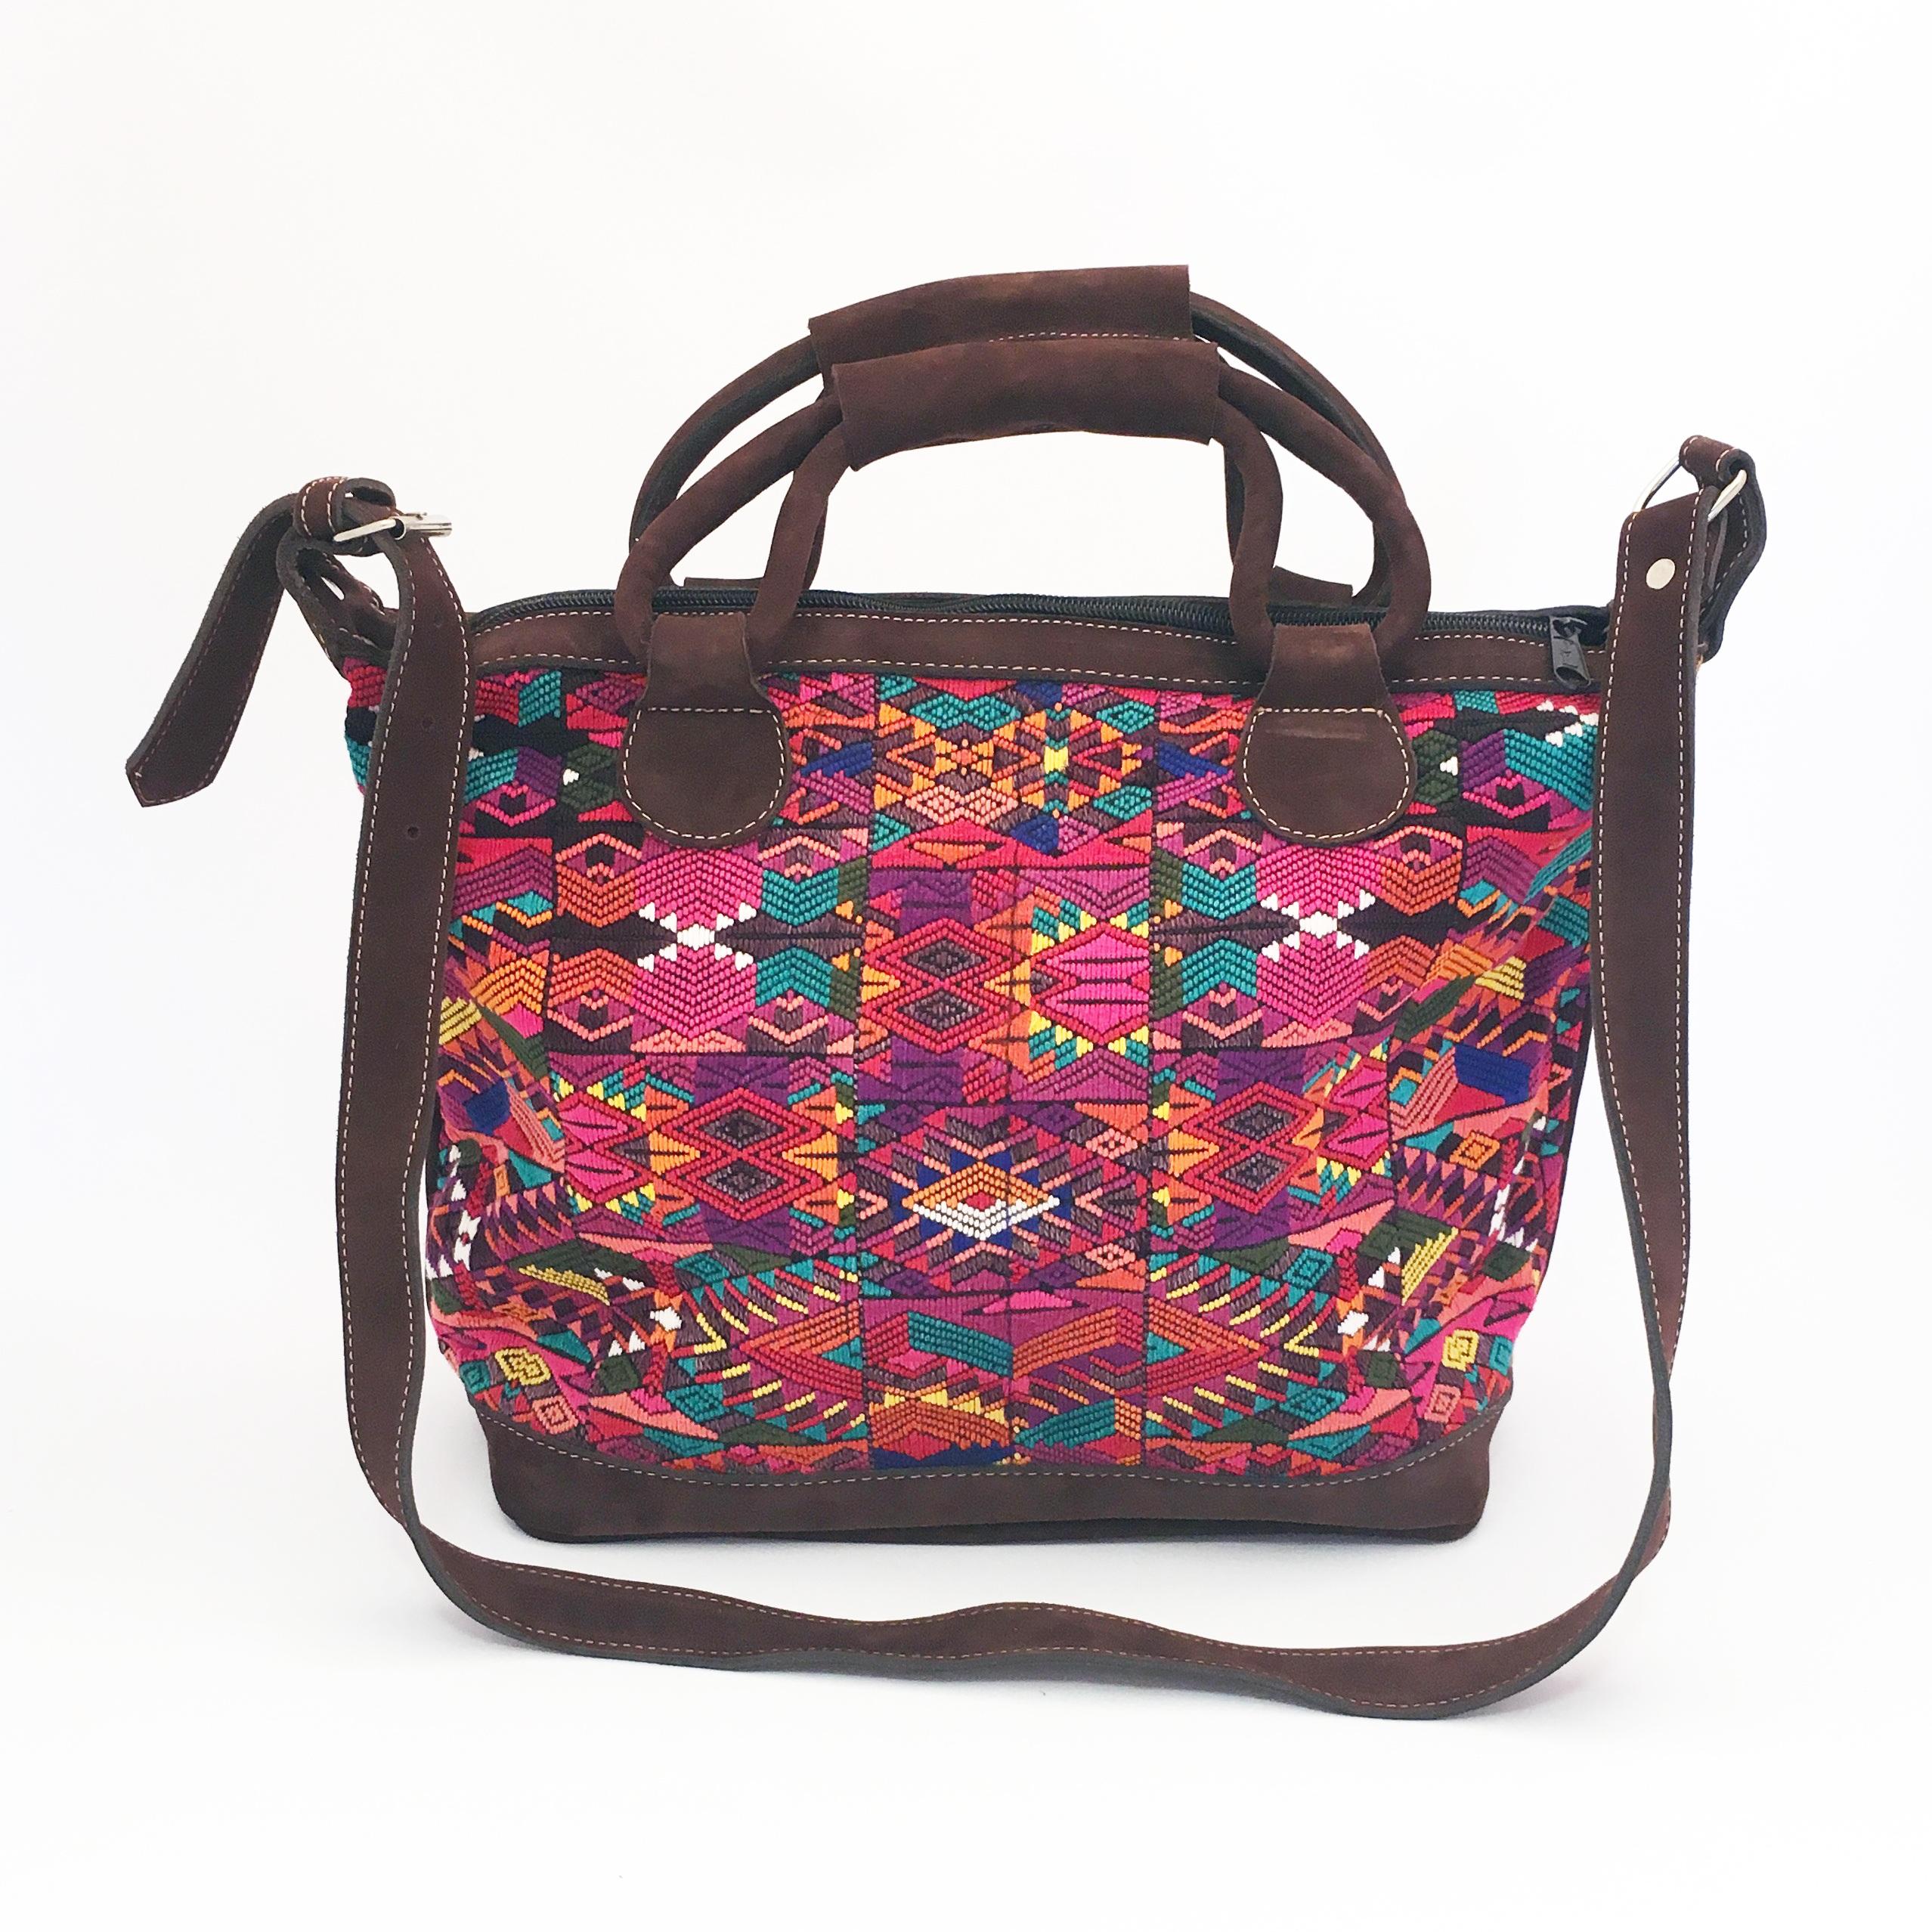 väska, axelväska, guatemala, återbruk, recycle, reuse (19)